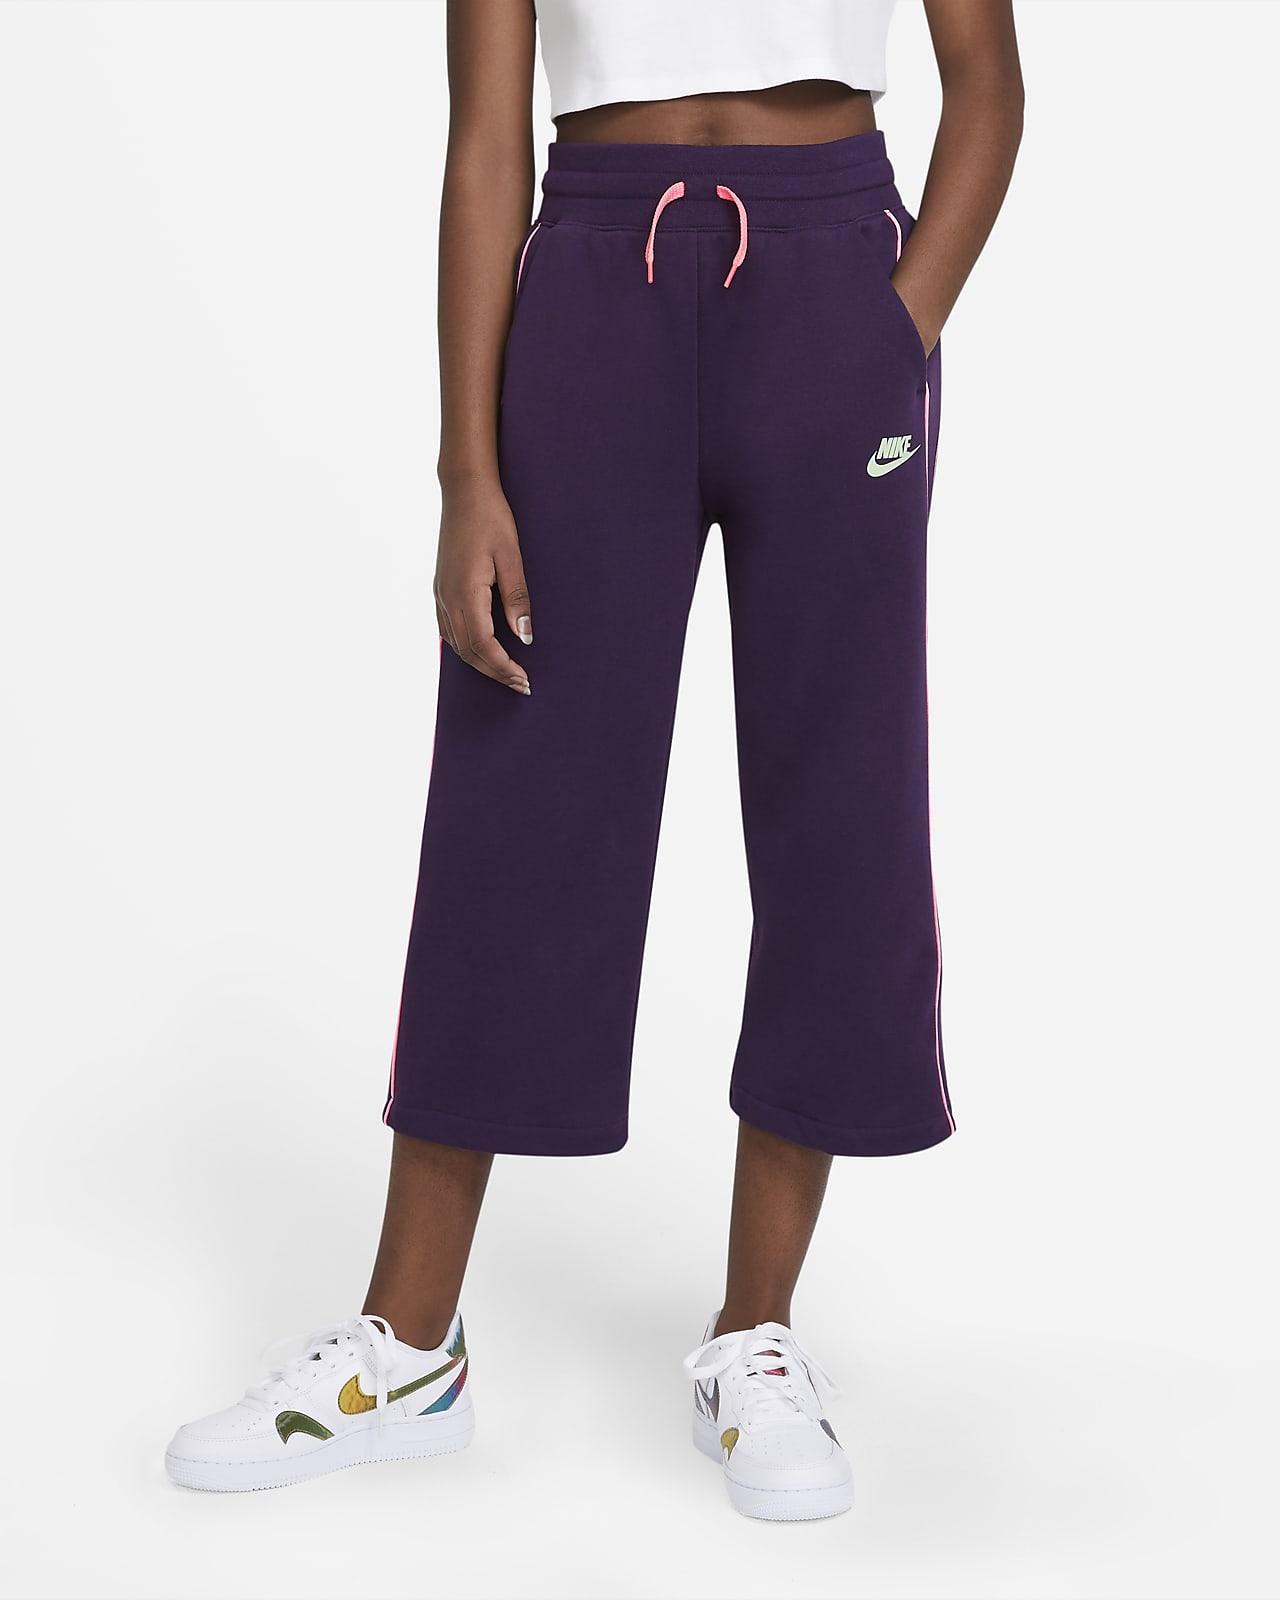 Nike Sportswear French-Terry-Hose für ältere Kinder (Mädchen)